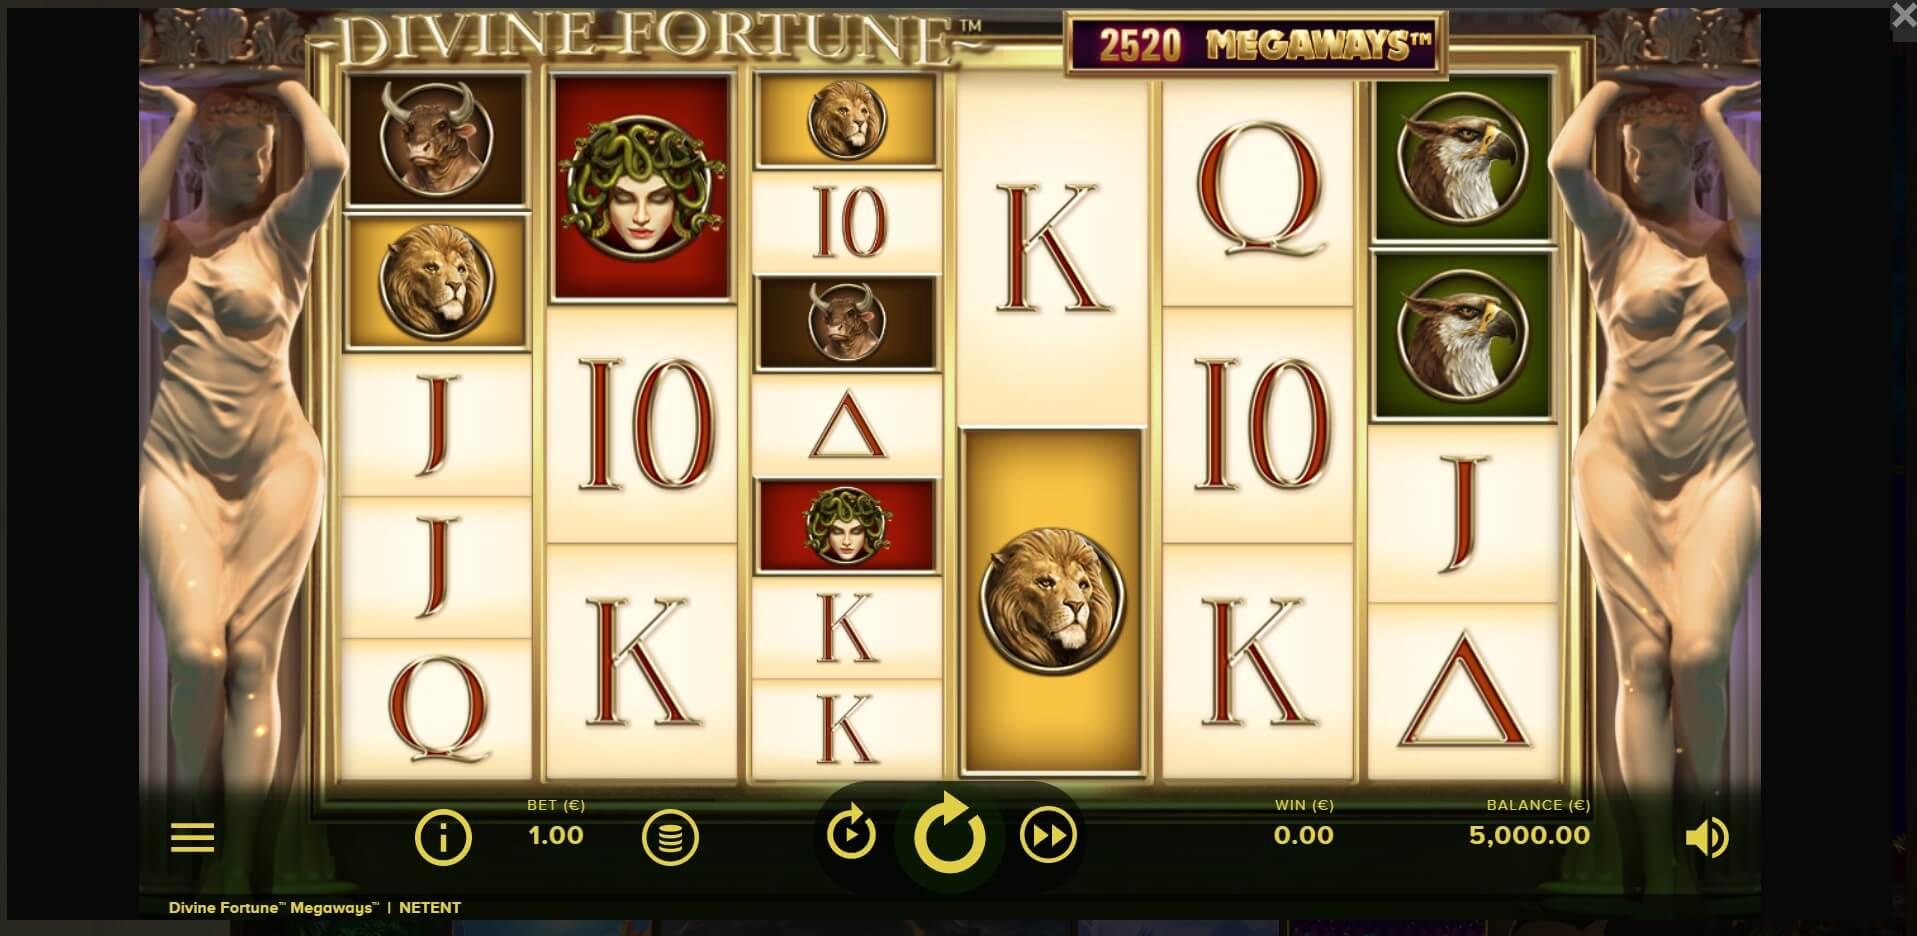 GamePLay at Cozino Casino